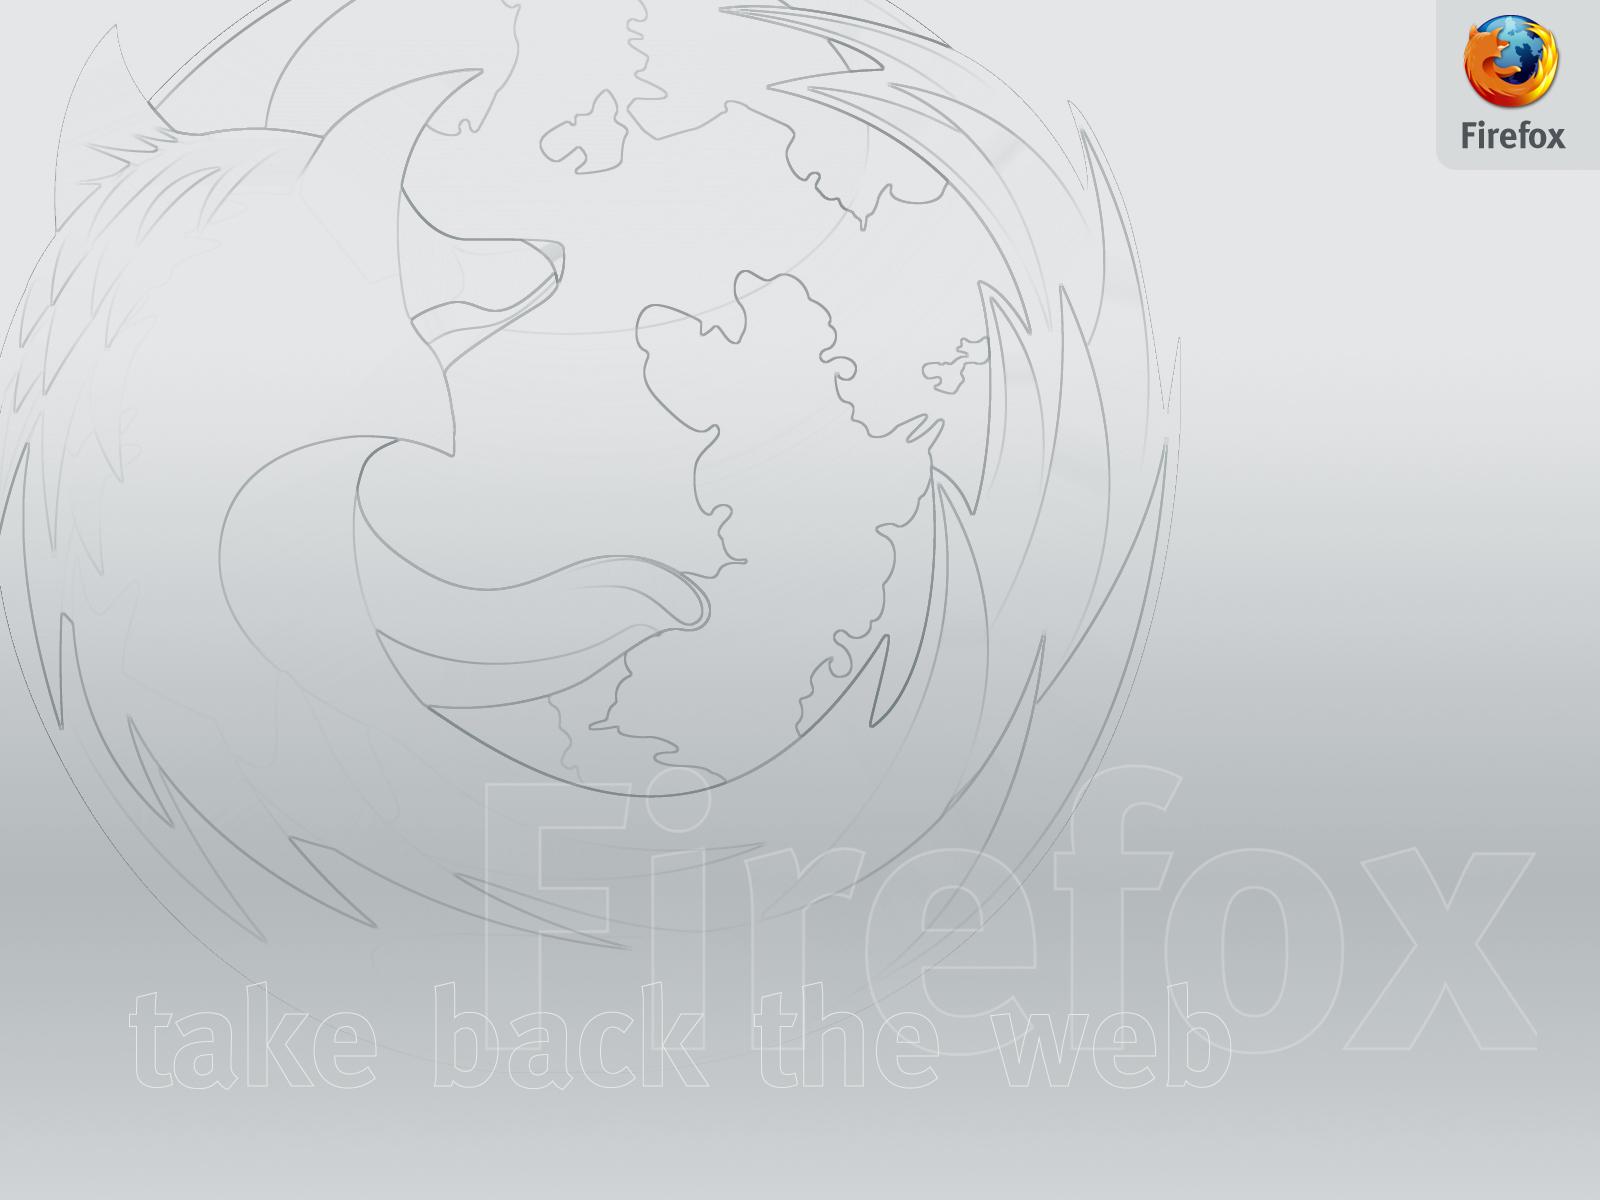 http://2.bp.blogspot.com/-QgROYbm6wZU/Tgm3zmck_qI/AAAAAAAAA8w/A-B9wqALtgU/s1600/firefox1%2Bby%2Bwww.bdtvstar.com%2B%252825%2529.jpg